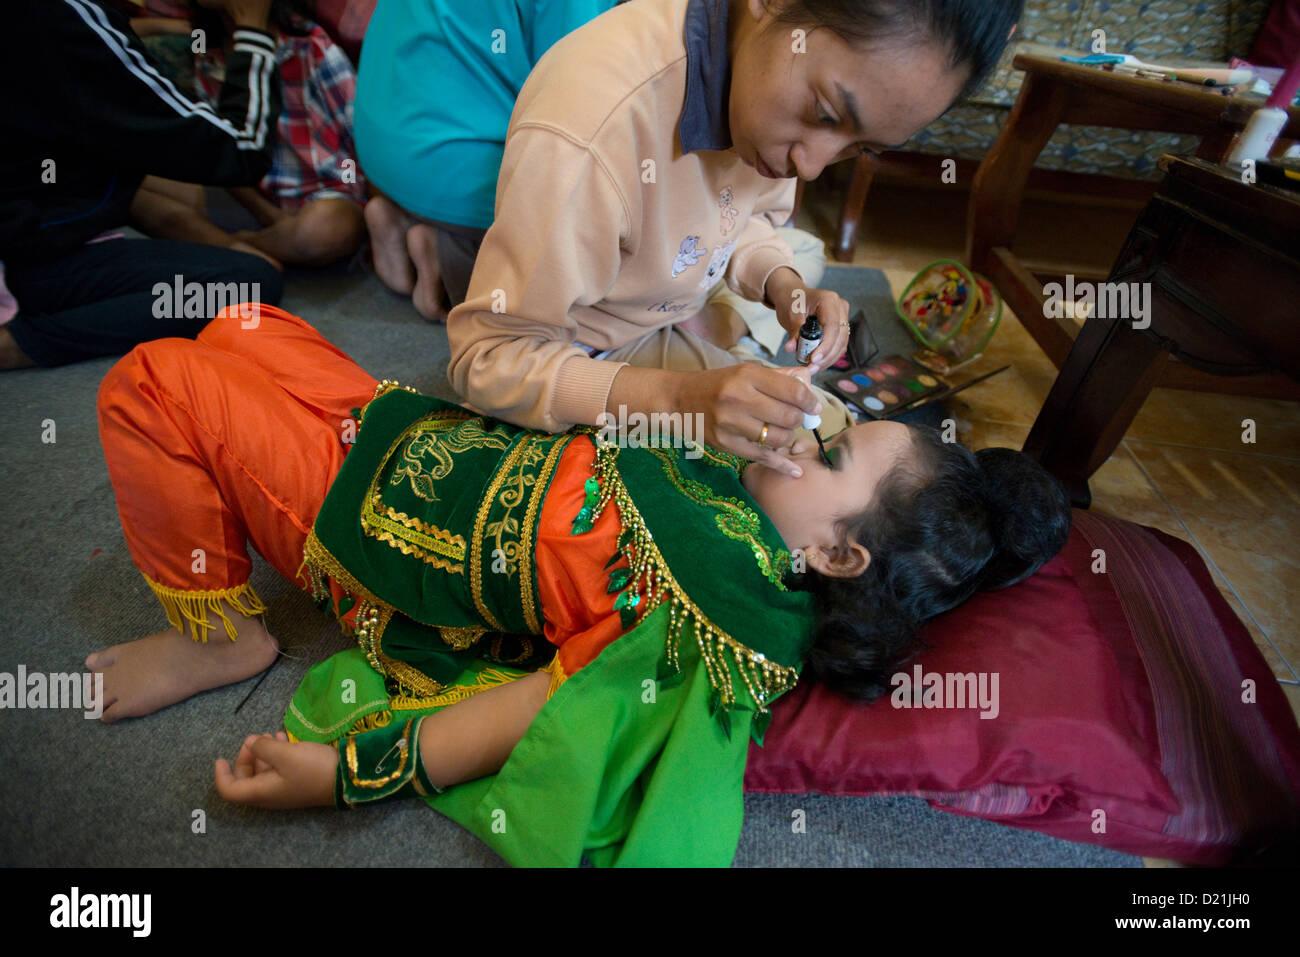 Child Wearing Makeup Stockfotos & Child Wearing Makeup Bilder - Alamy